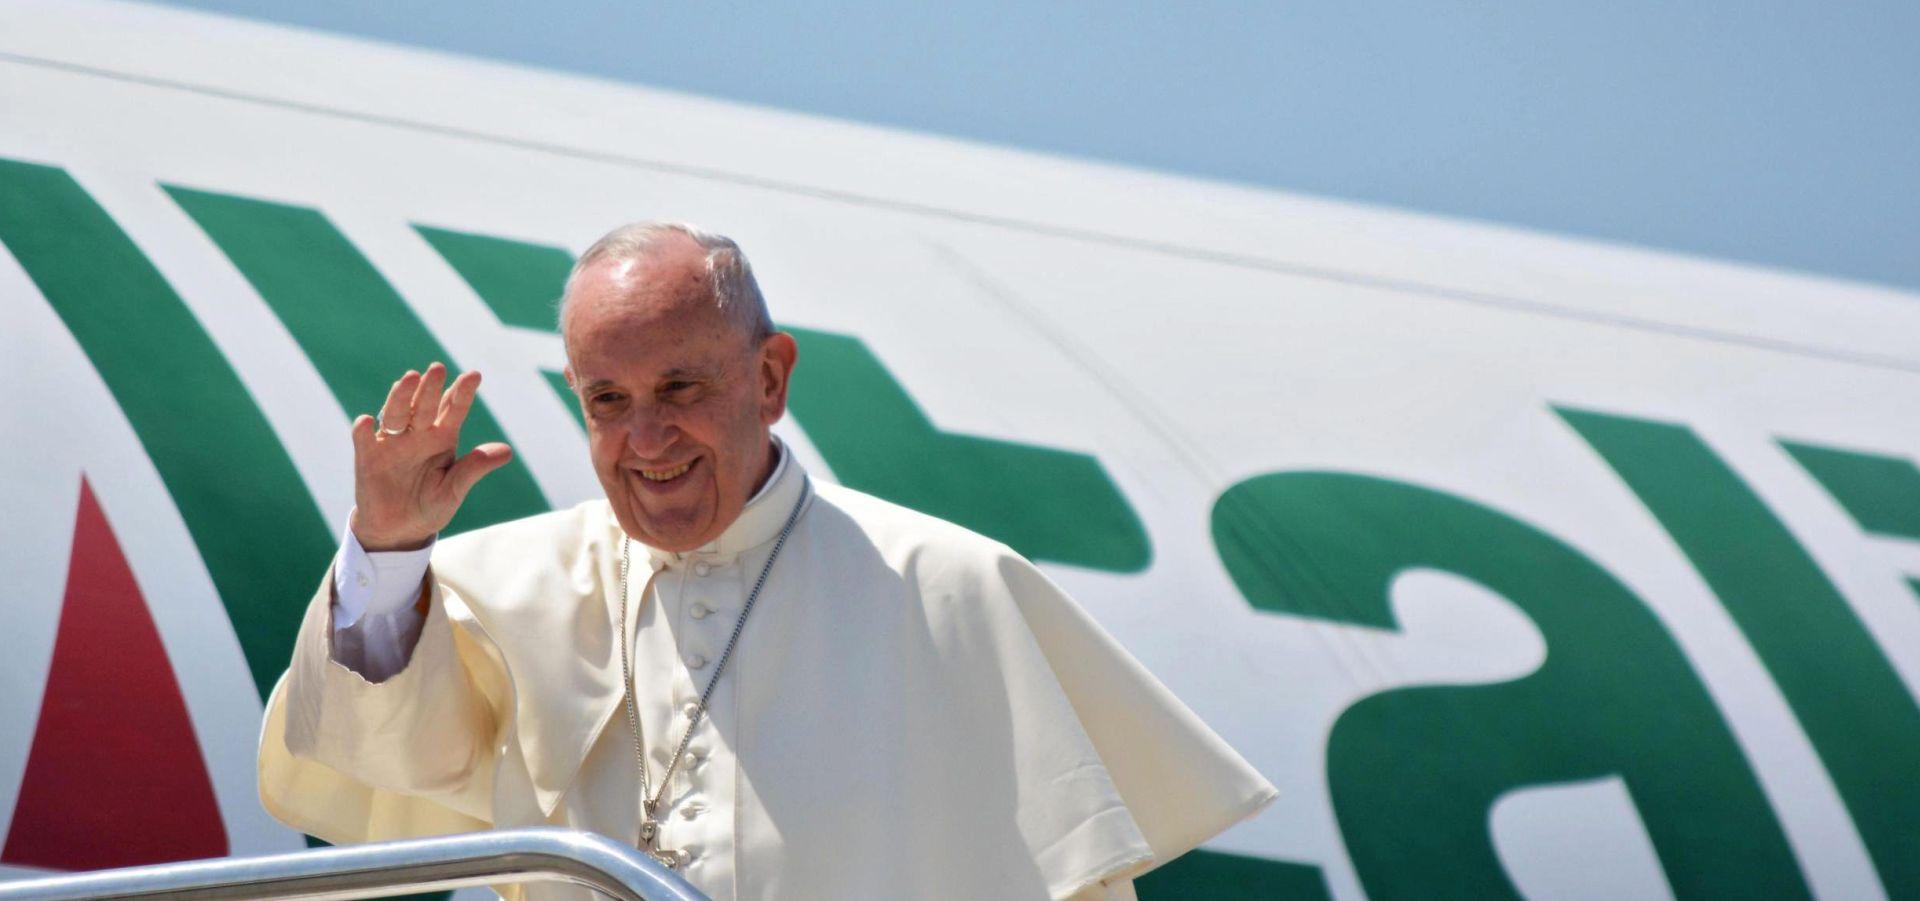 Papu u Poljskoj dočekuje manje vjernika od očekivanog